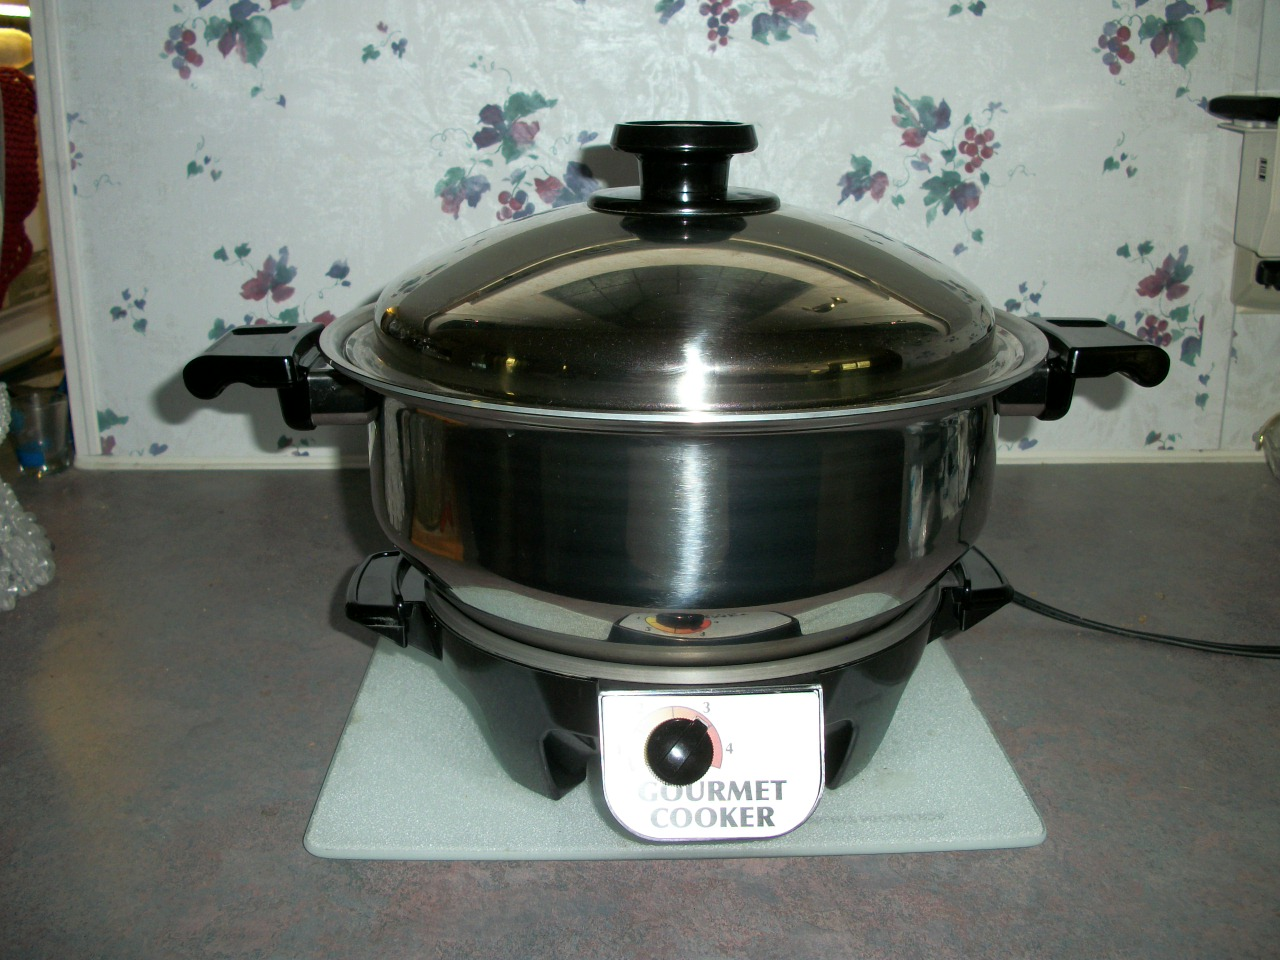 Kitchen Craft Cookware | HASTY TASTY MEALS BLOG